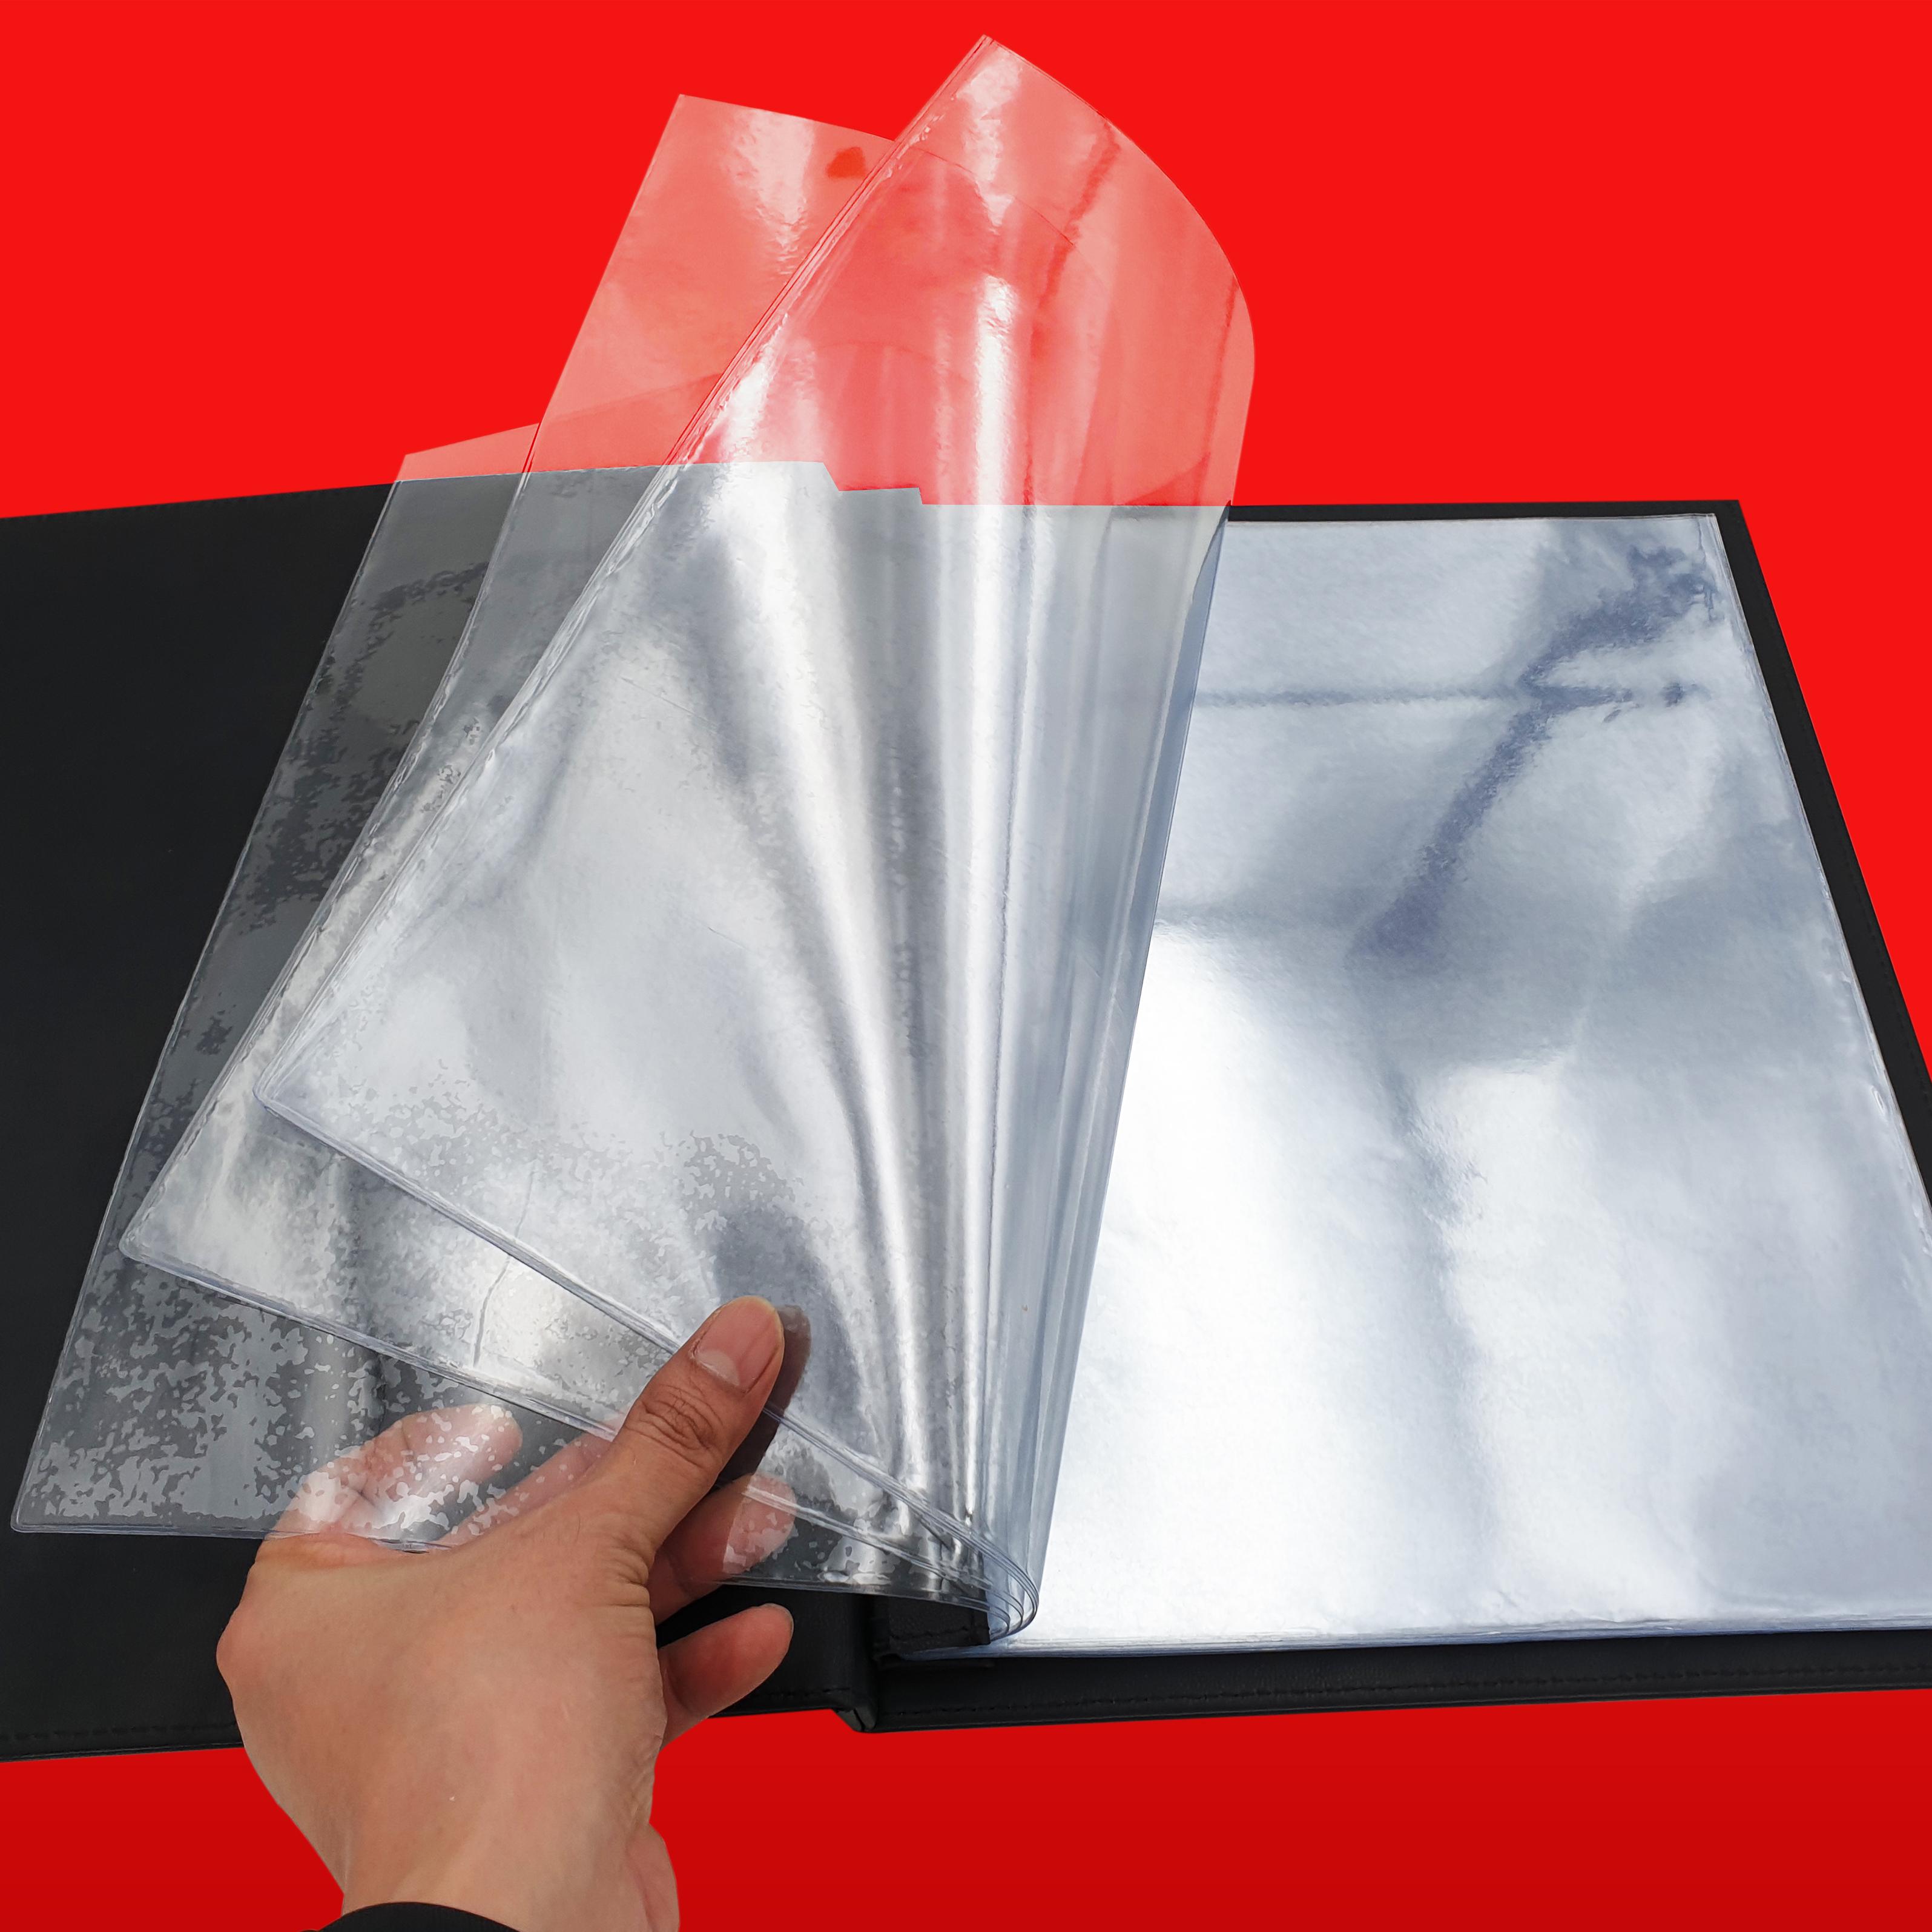 ปกหนังสั่งผลิต ซองพลาสติกหนาพิเศษ, ซองพลาสติกใส่เมนูอาหาร, ซองพลาสติกปกหนัง, เล่มปกหนัง